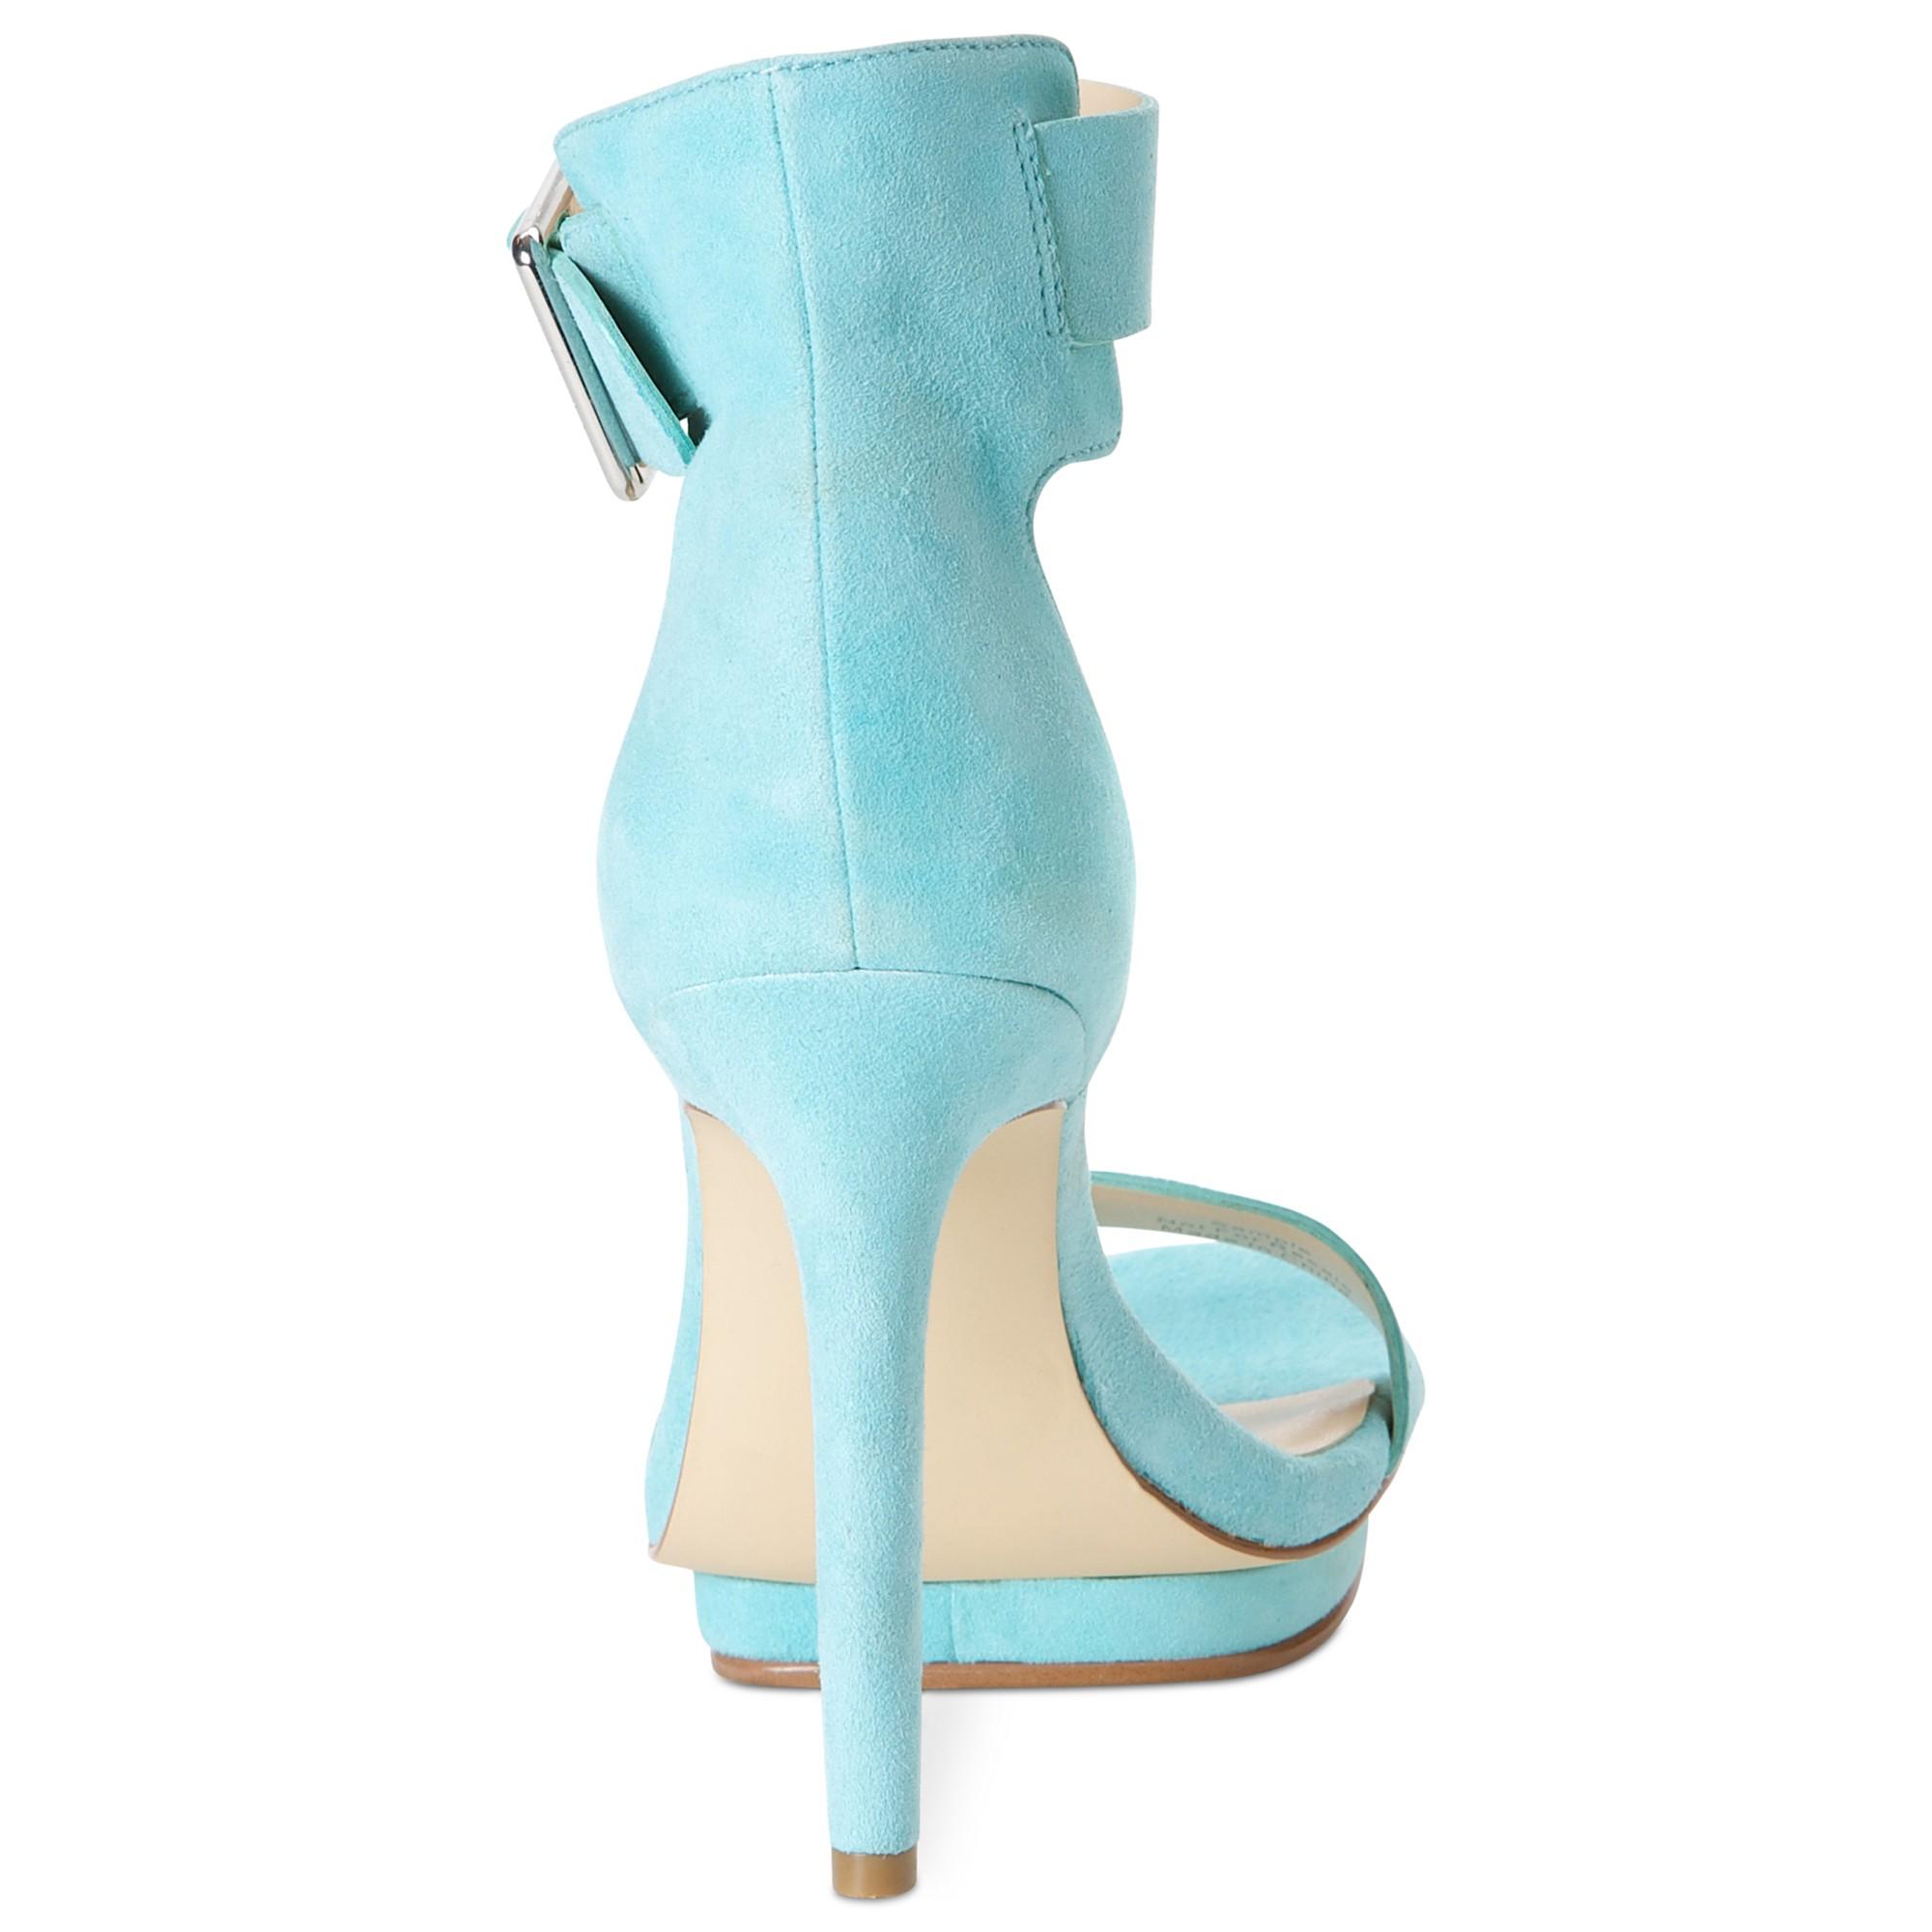 e805d7257c66 Lyst - Calvin Klein Vivian High Heel Sandals in Green